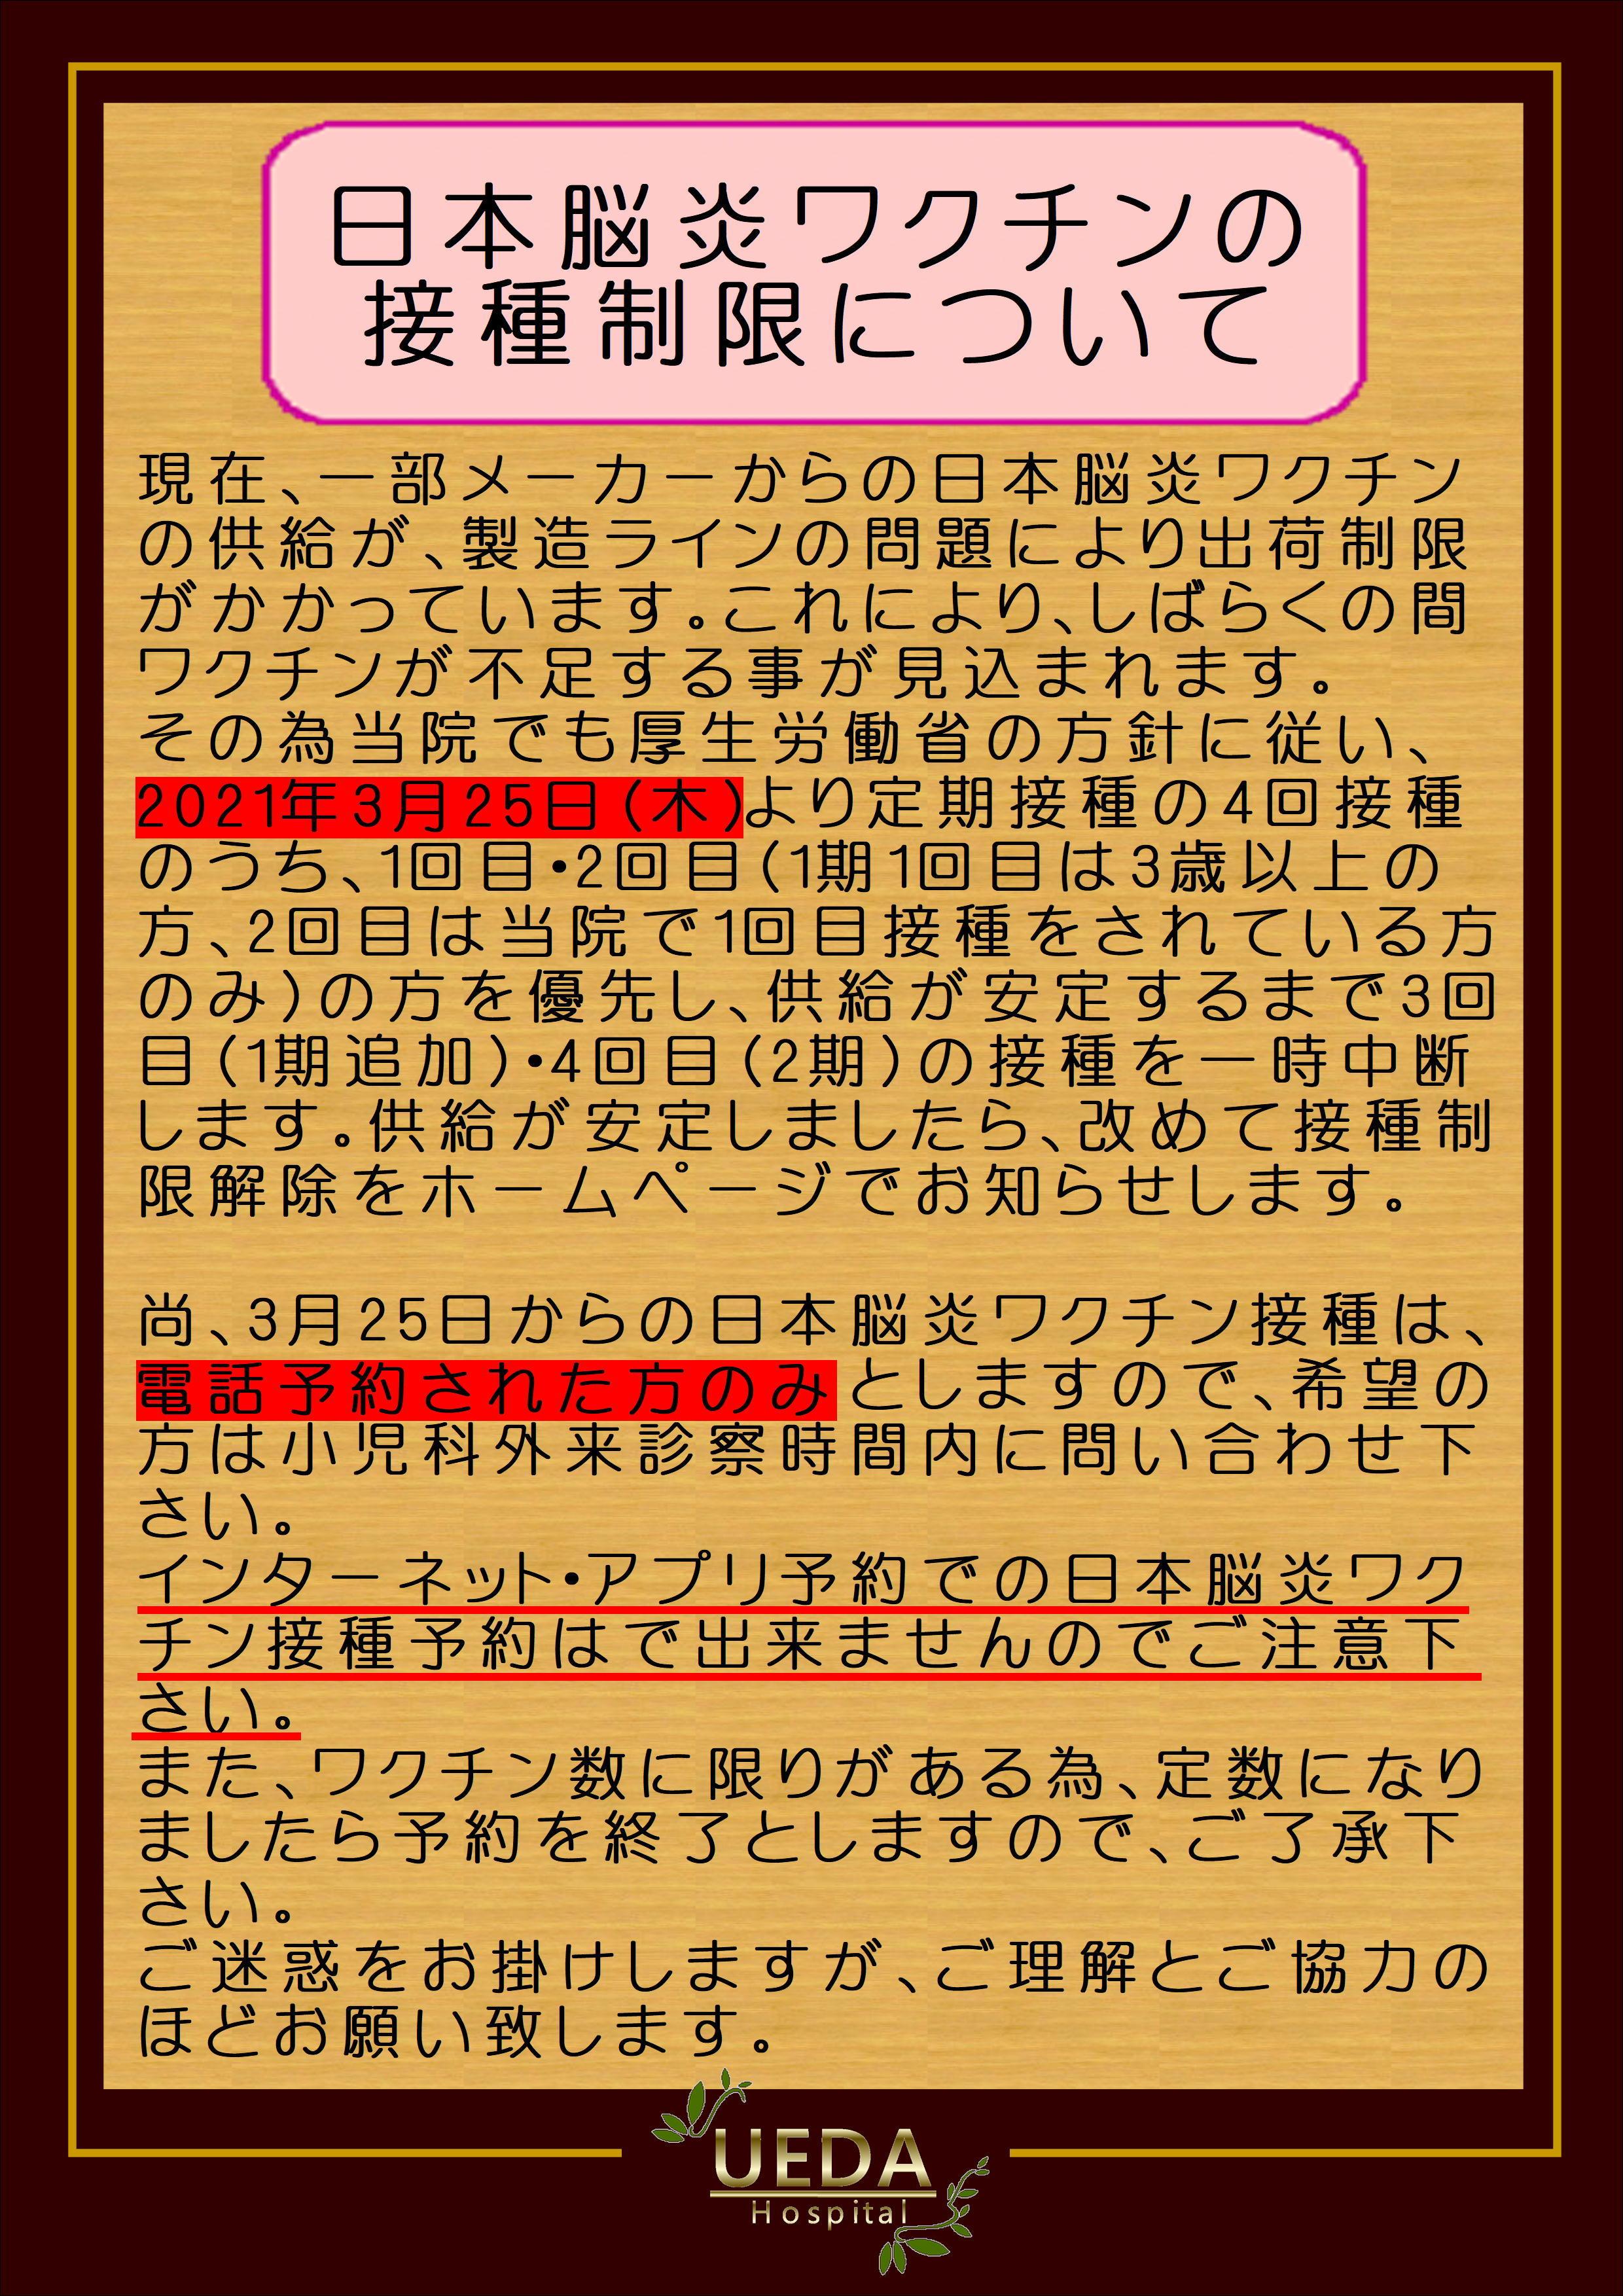 日本脳炎 接種制限2021.3.22.JPG